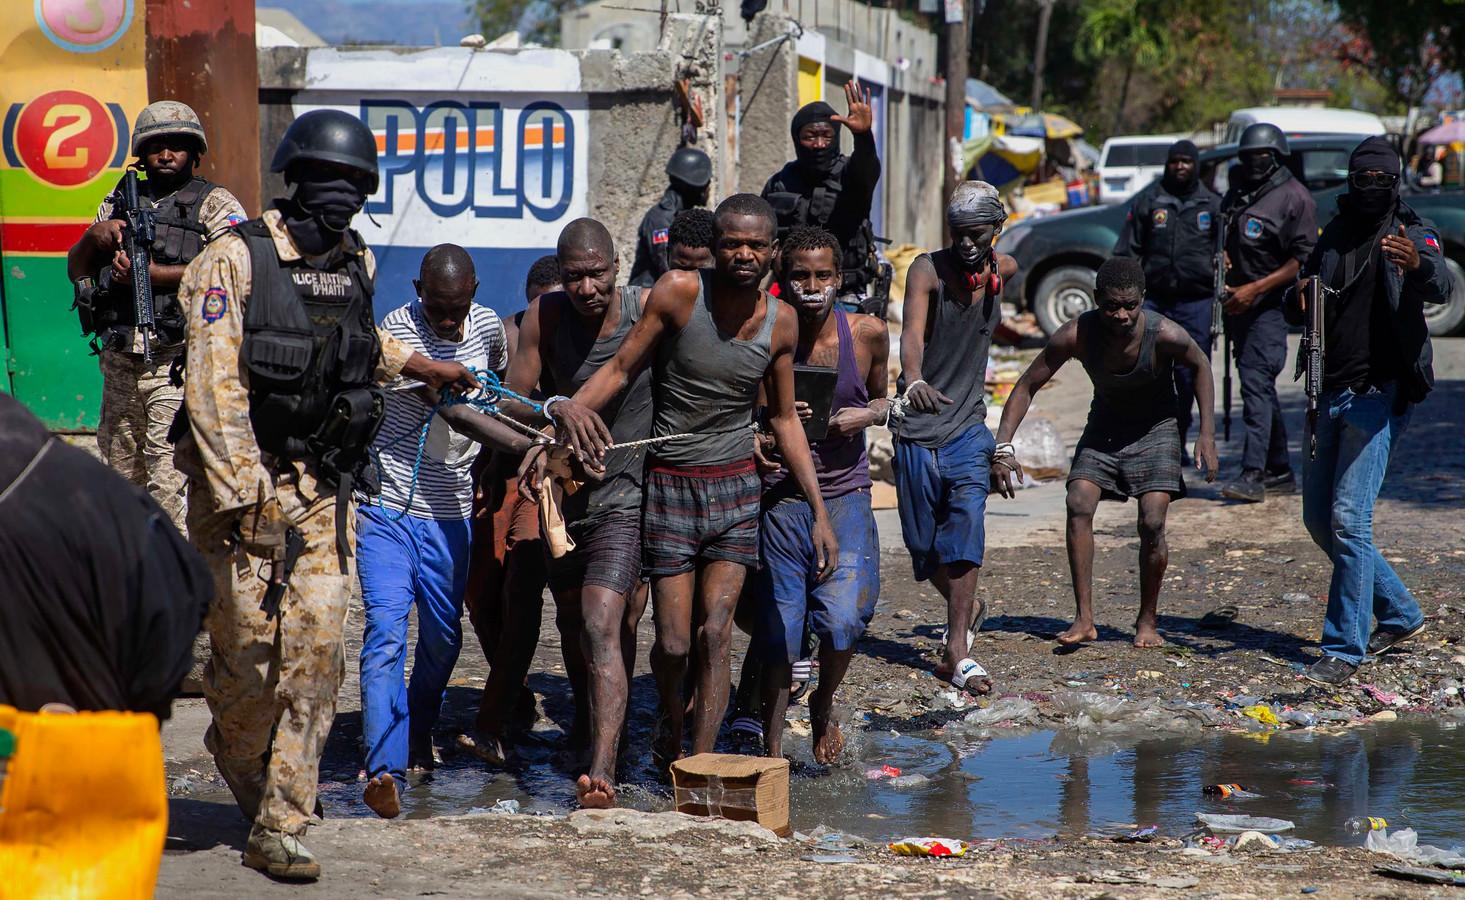 Ontsnapte en weer opgepakte gevangenen worden door de politie teruggebracht naar de gevangenis Croix-des-Bouquets in de Haïtiaanse hoofdstad Port-au-Prince.